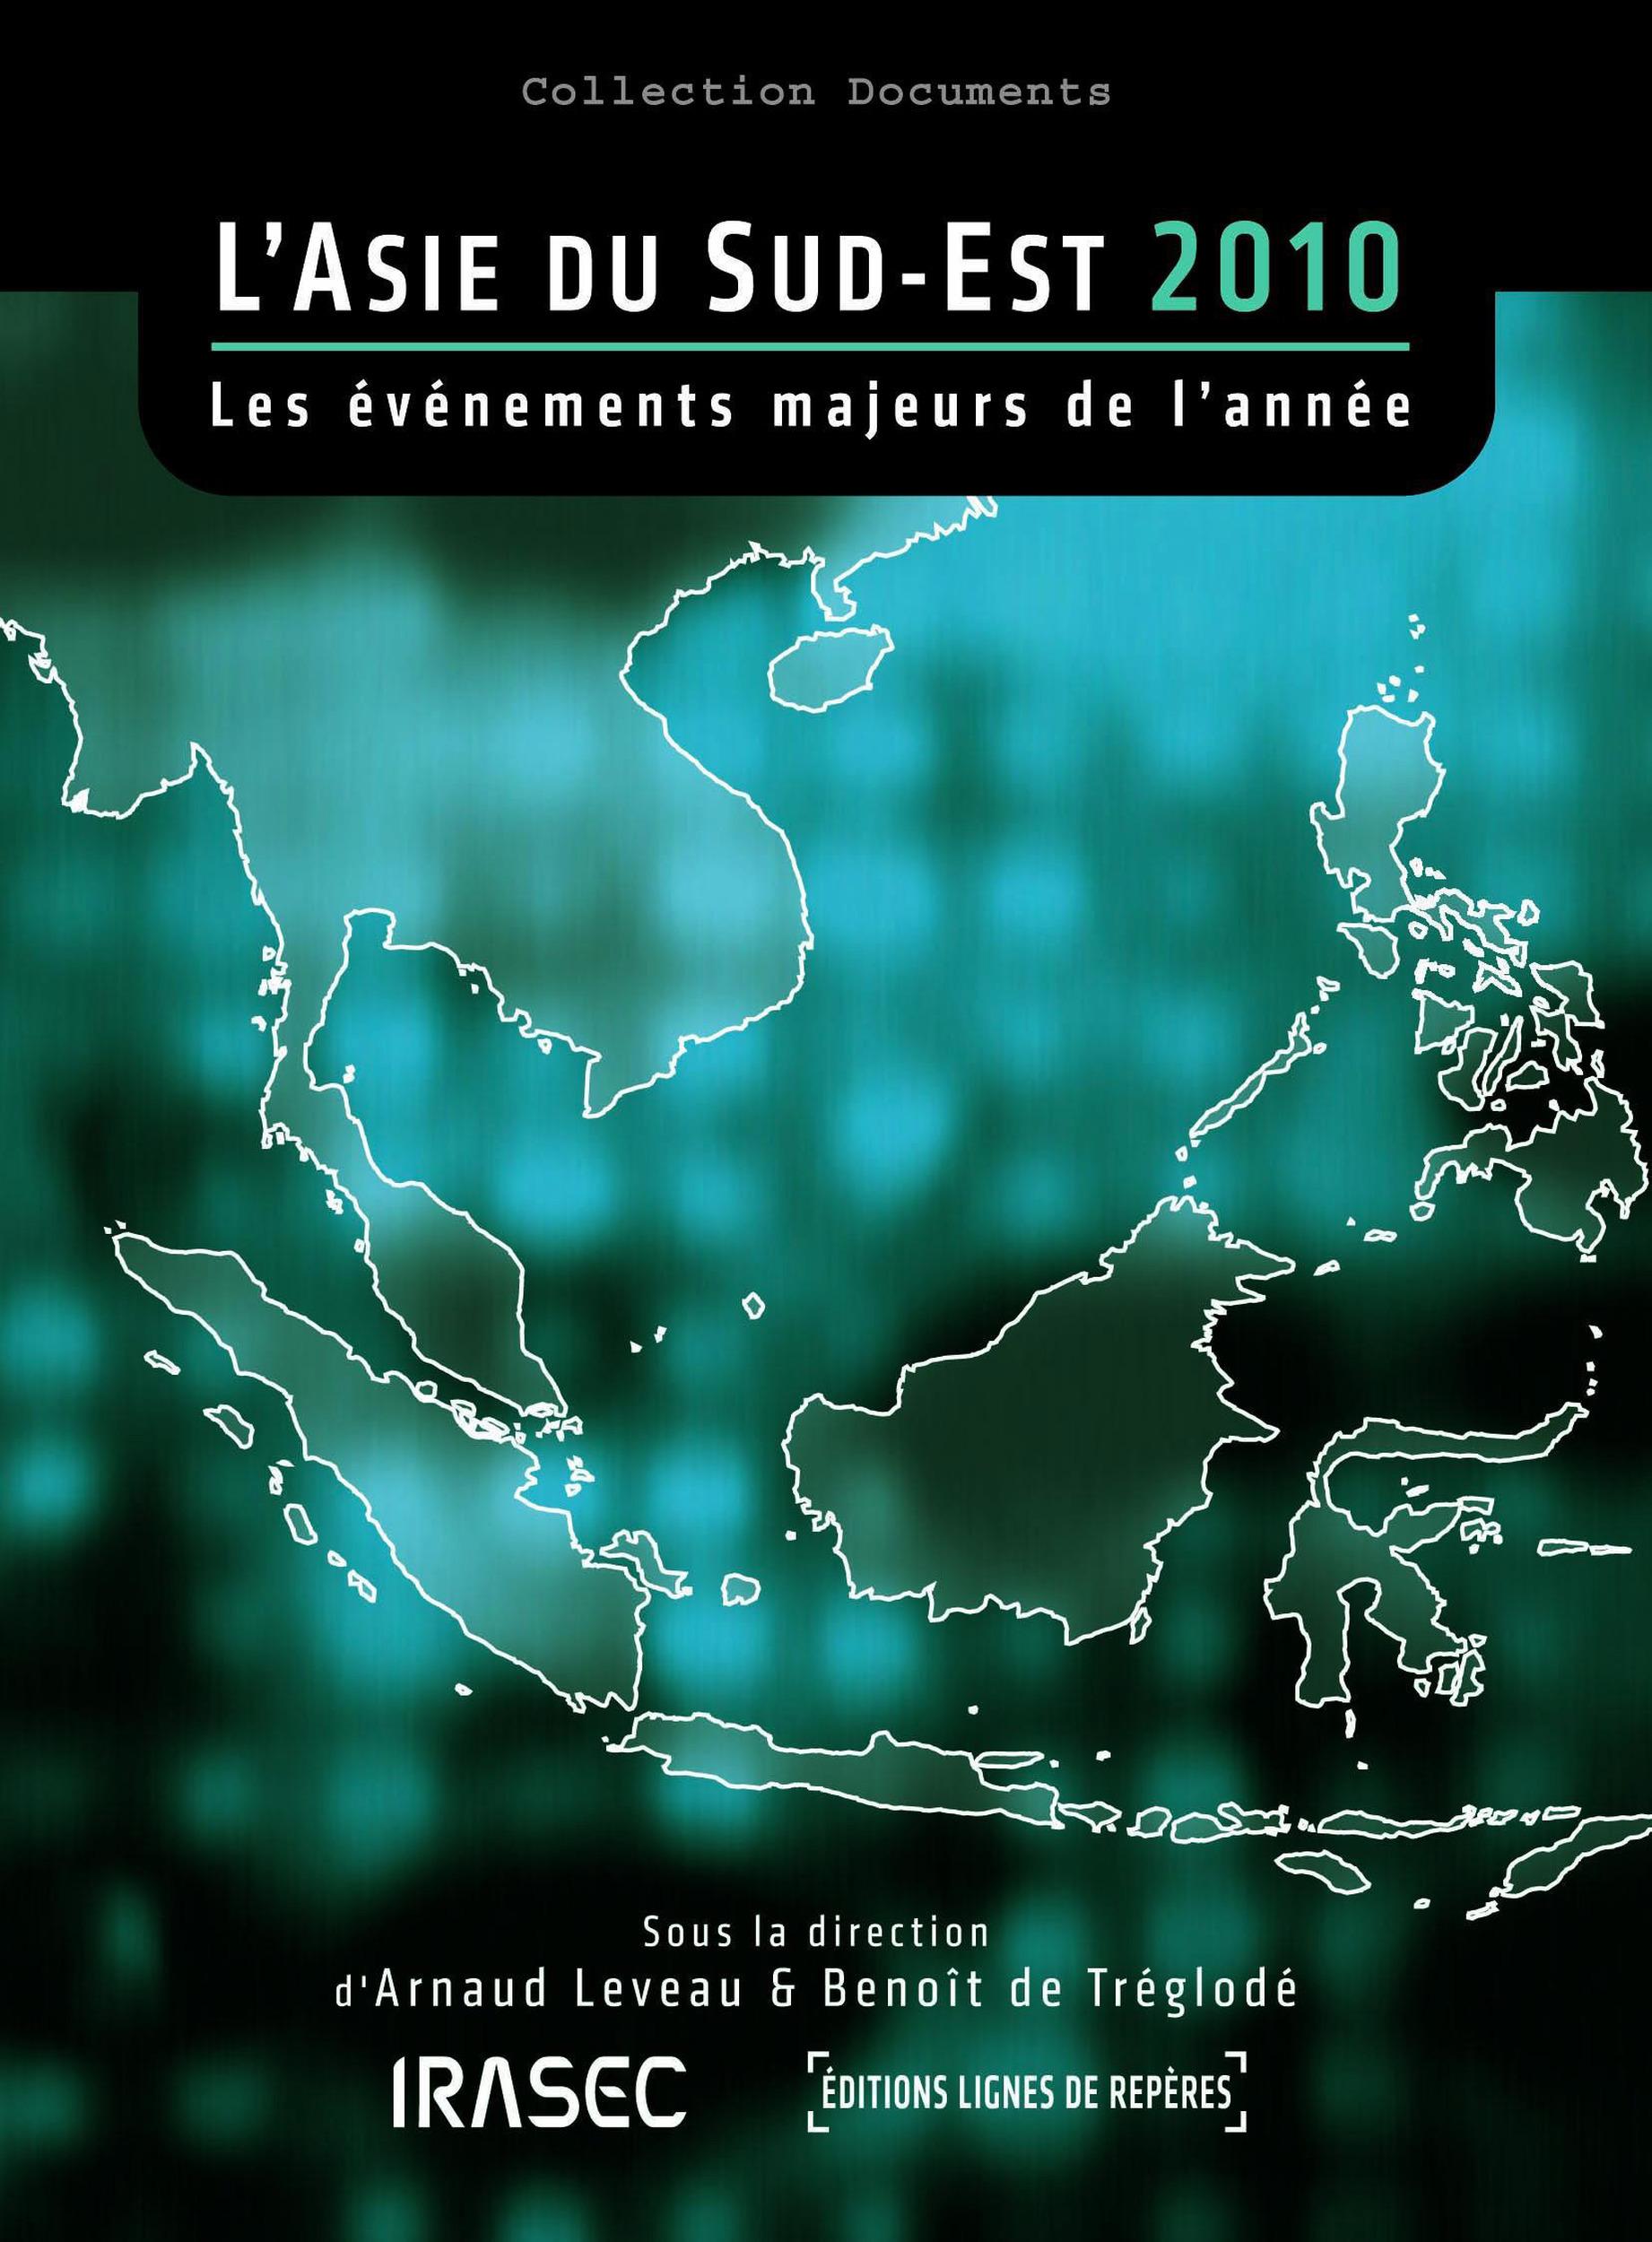 L'Asie du Sud-Est 2010